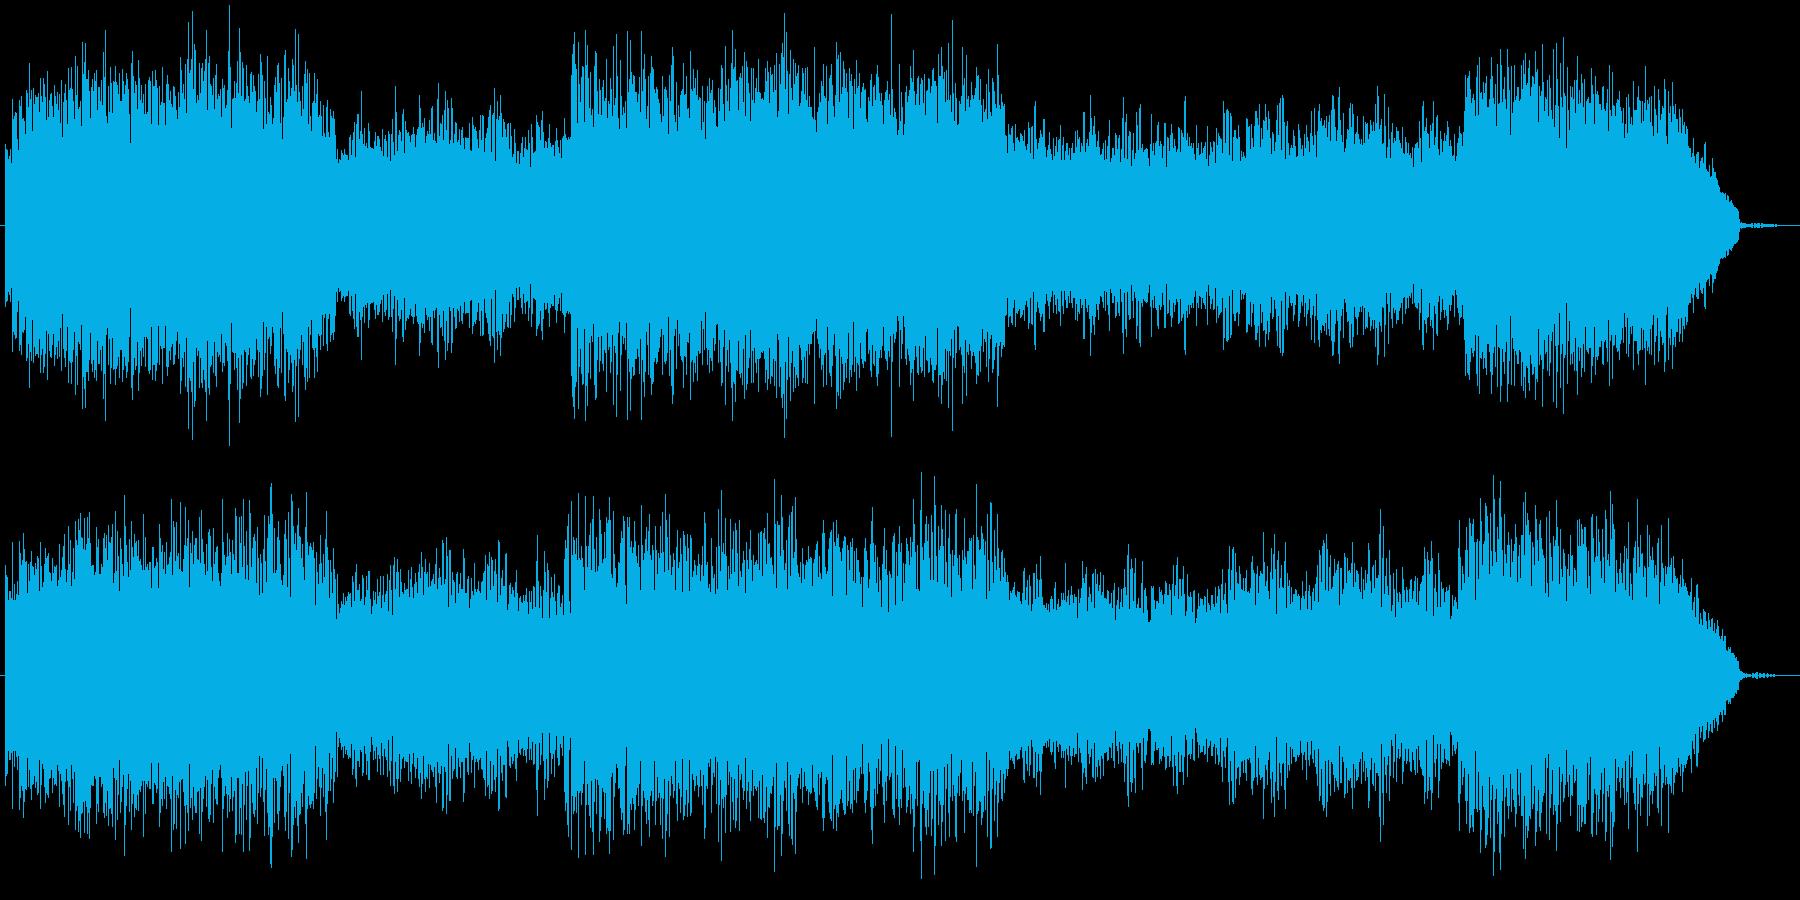 エコーの効いた幻想的なミュージックの再生済みの波形